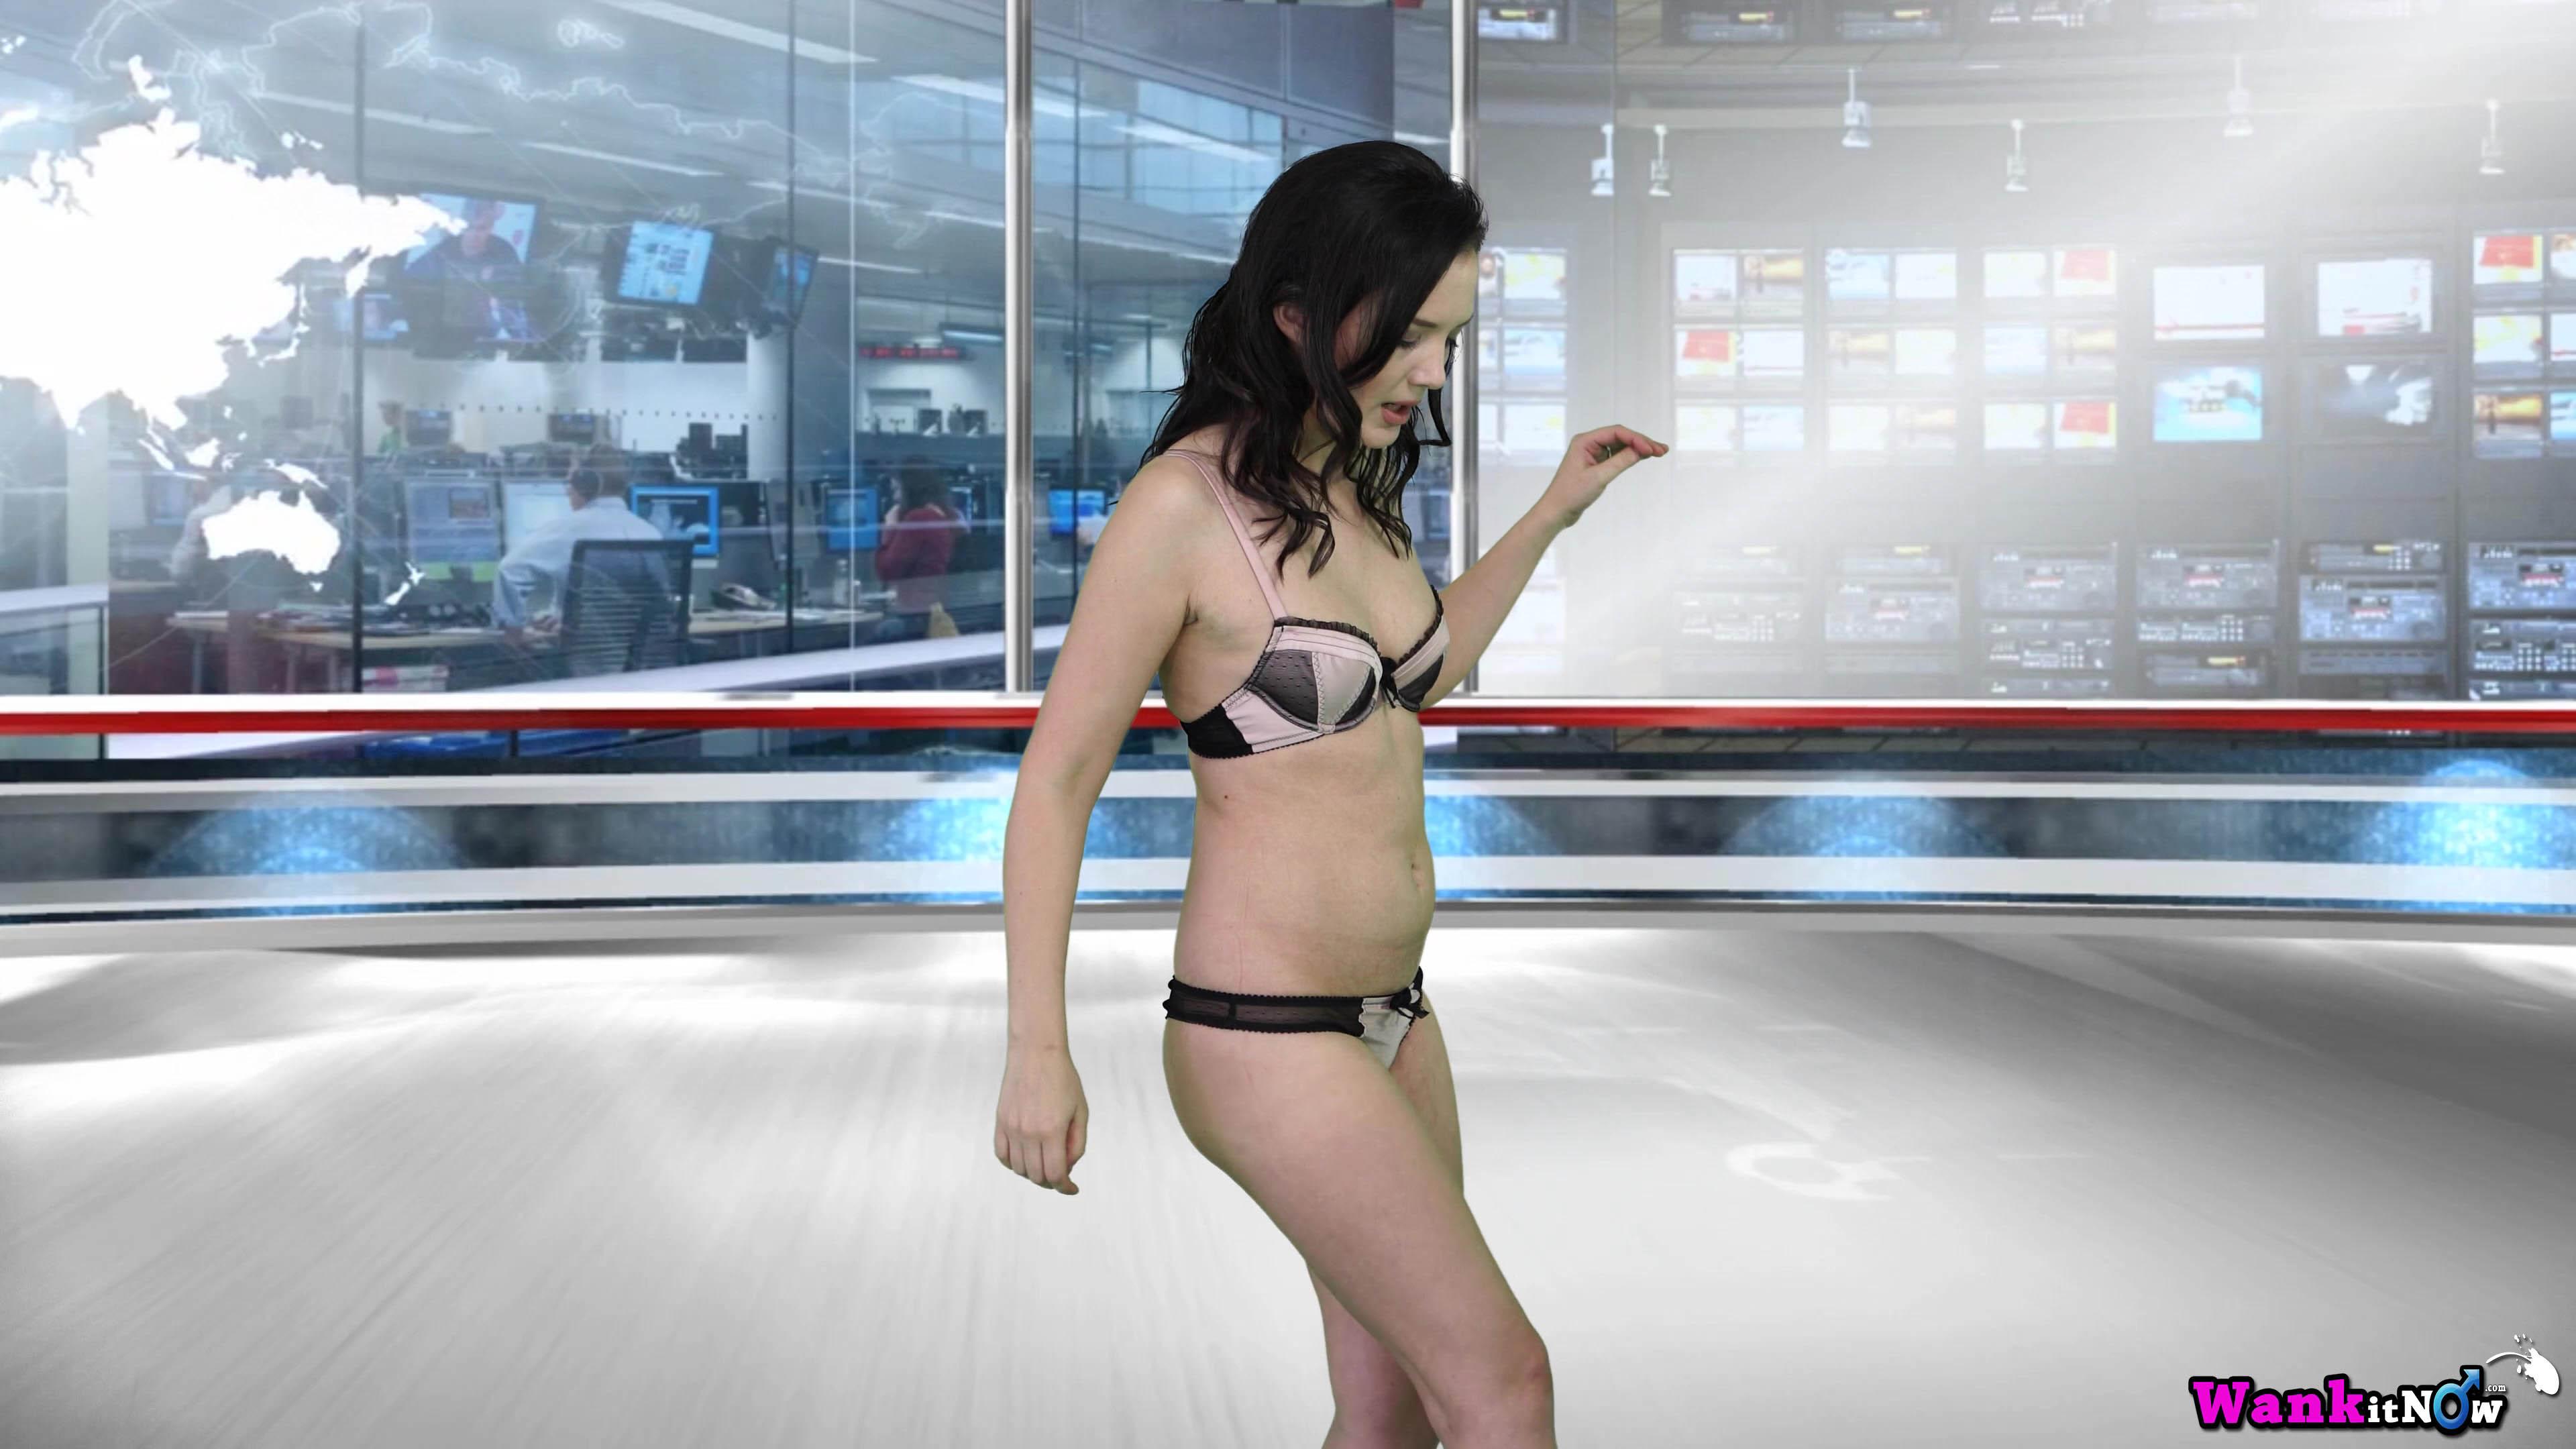 Nude girl wank news — 4